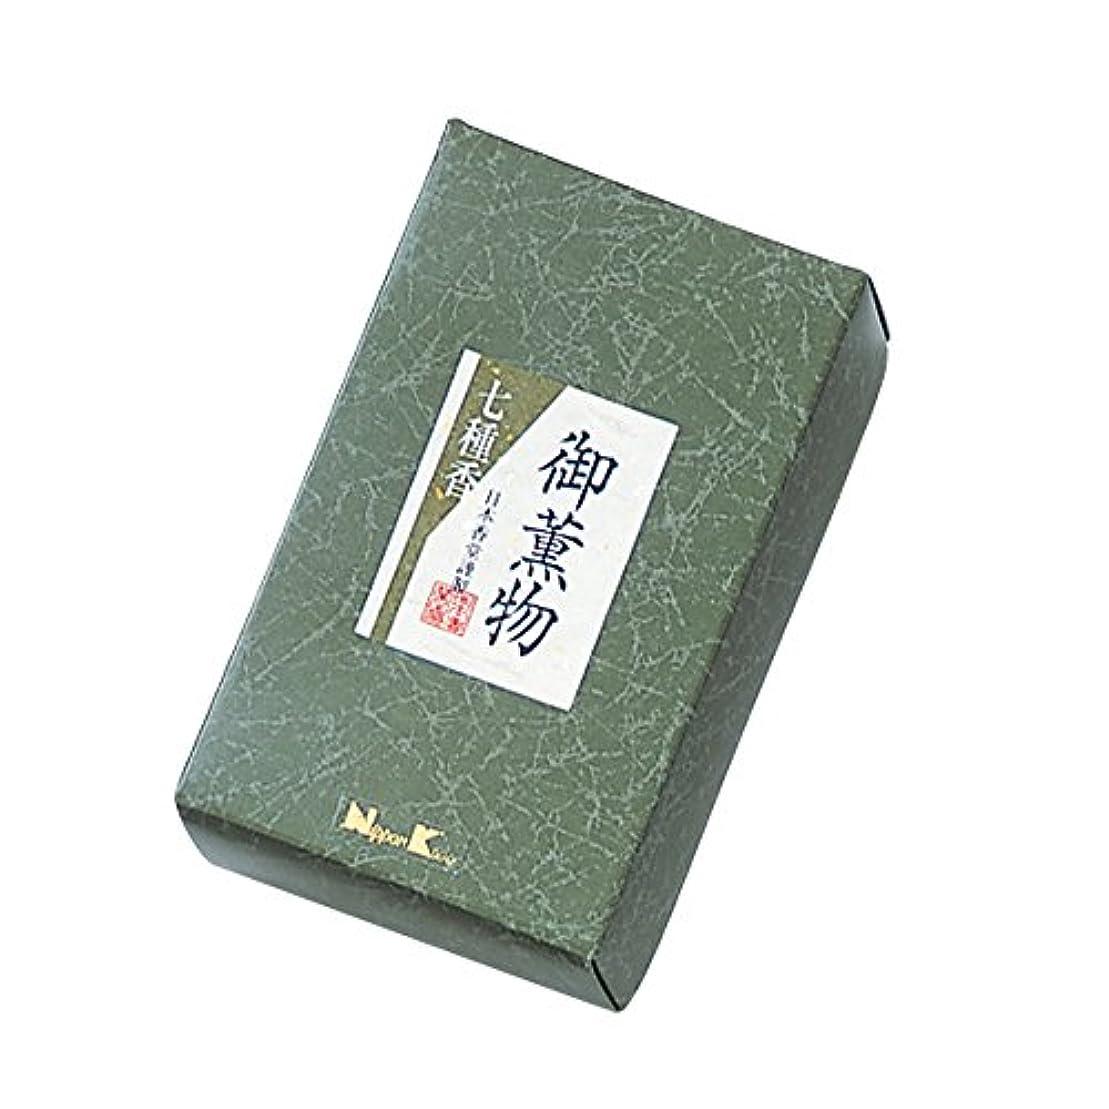 ベールアクションけがをする御薫物七種香 125g